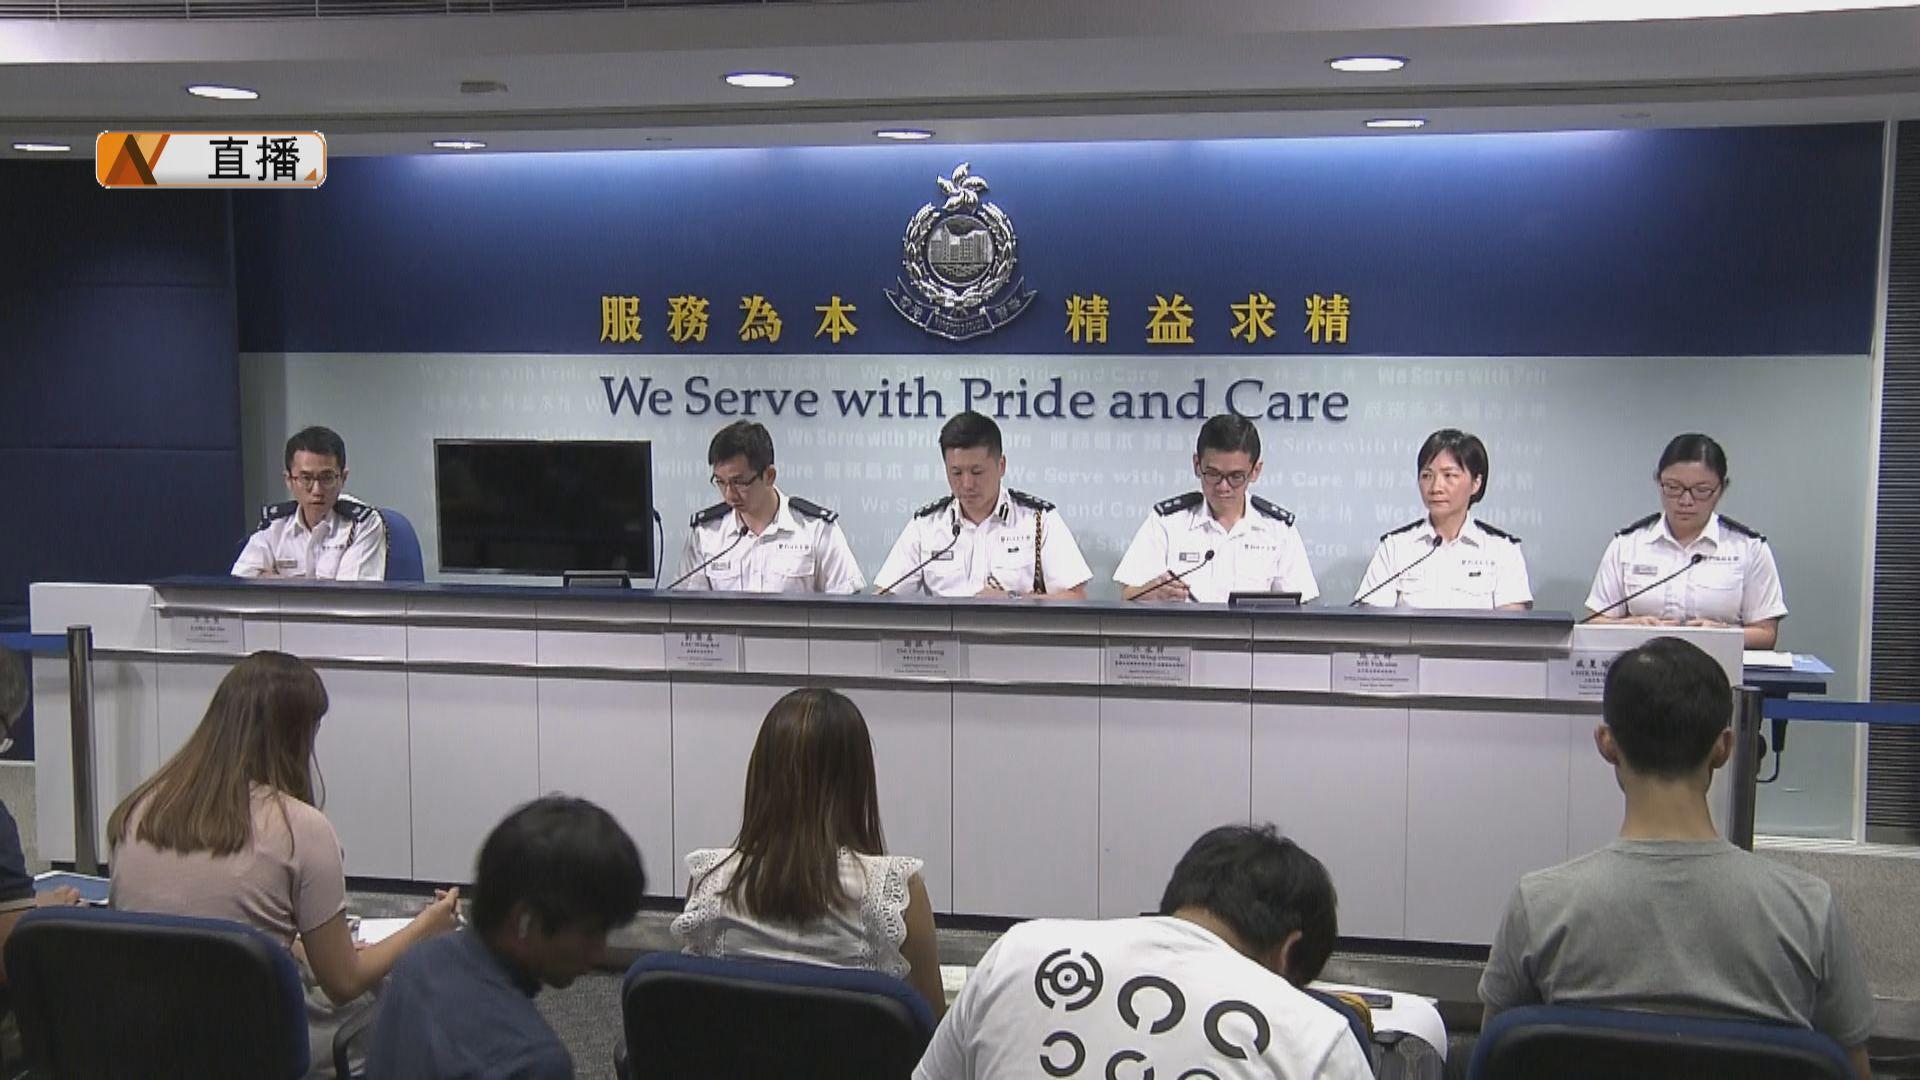 【最新】警方:有人在國際場合對警隊作不實指控 是斷章取義無視事實